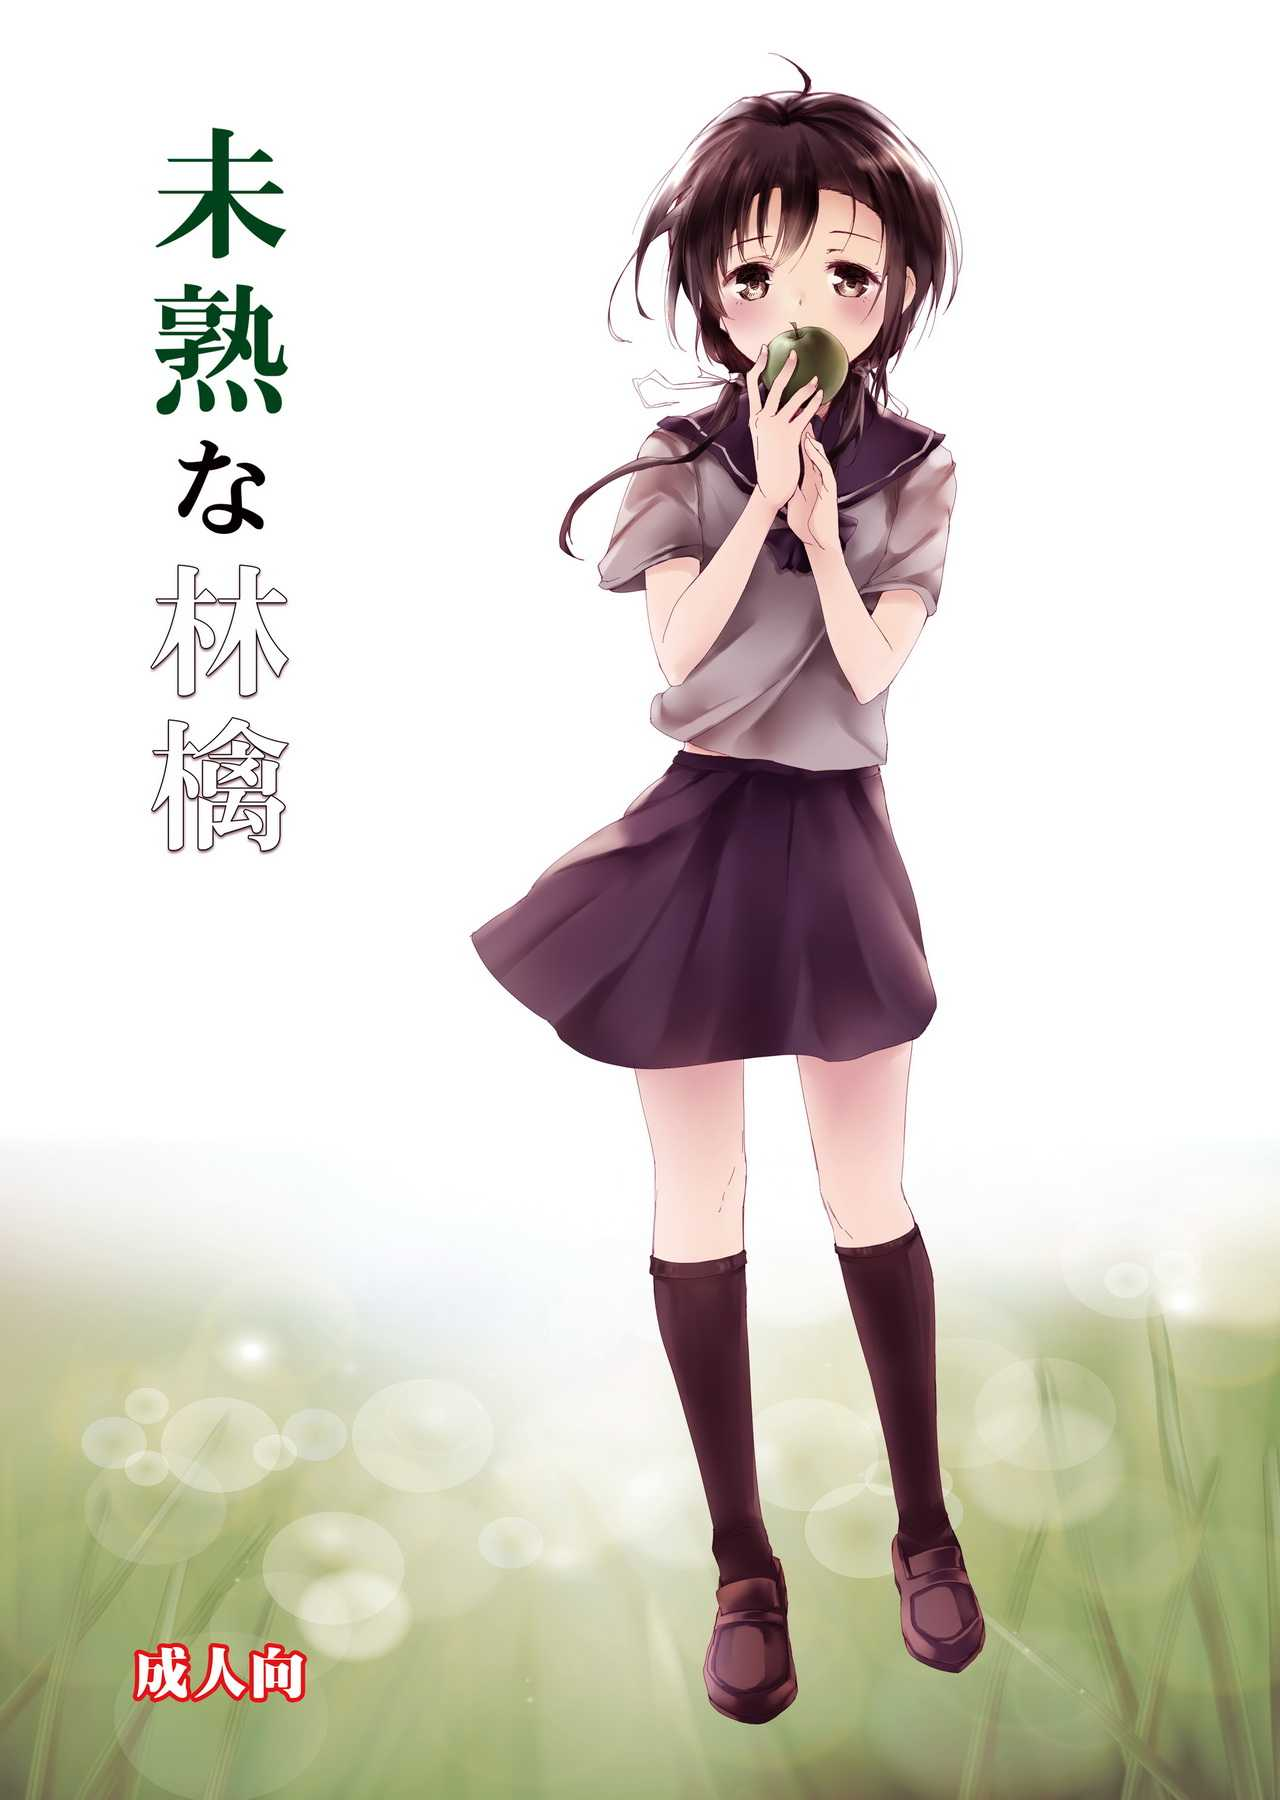 [中国翻訳]1115991-(コミティア108) [魚骨工造 (カポ)] 未熟な林檎